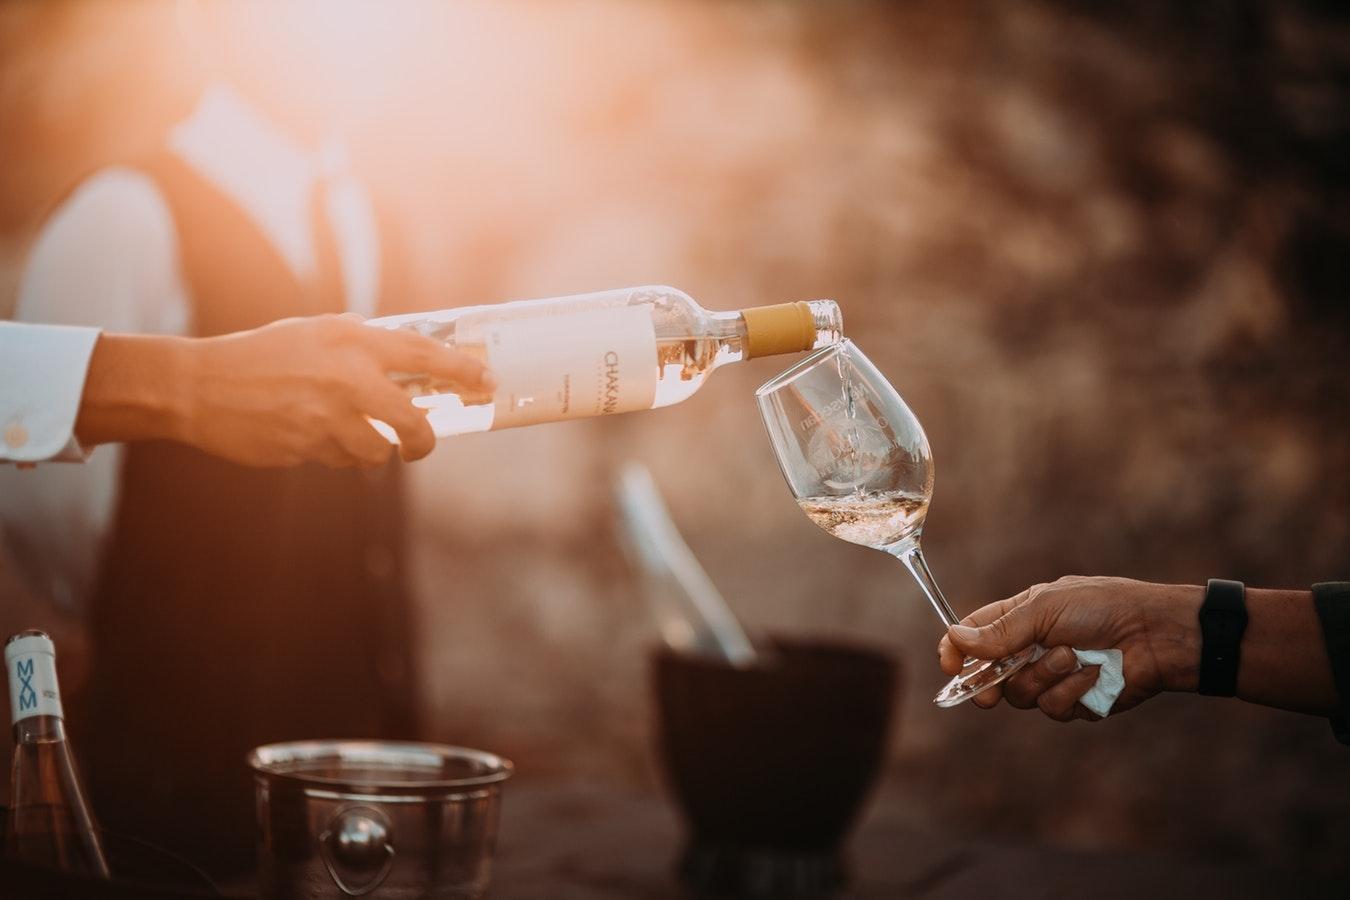 マナーを知っていればワインをもっと楽しめる